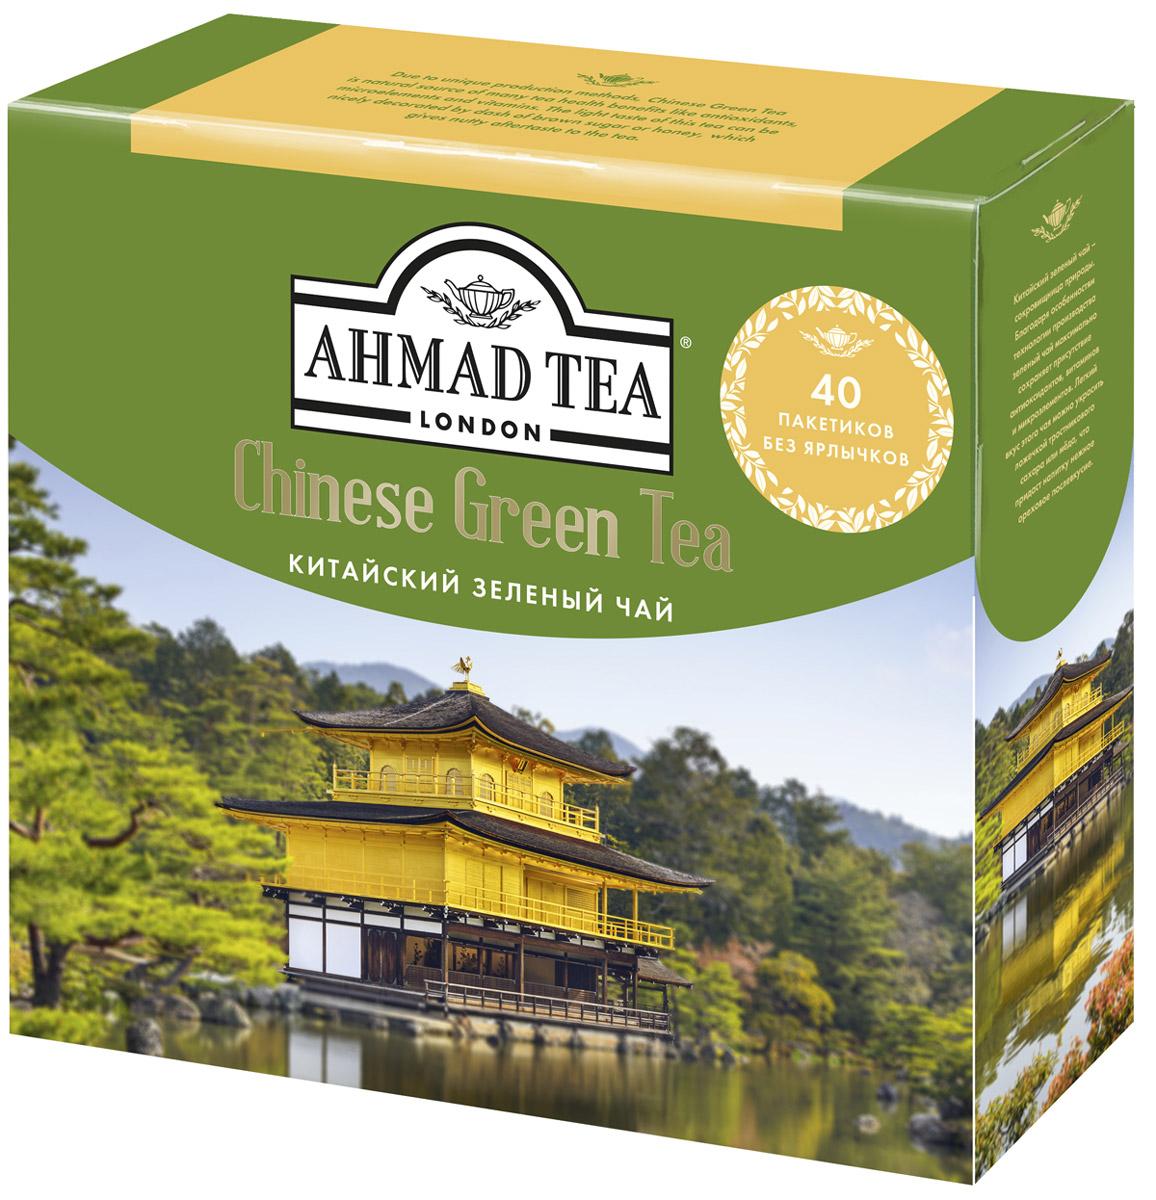 Ahmad Tea Китайский зеленый чай в пакетиках для заваривания в чайнике, 40 шт цена